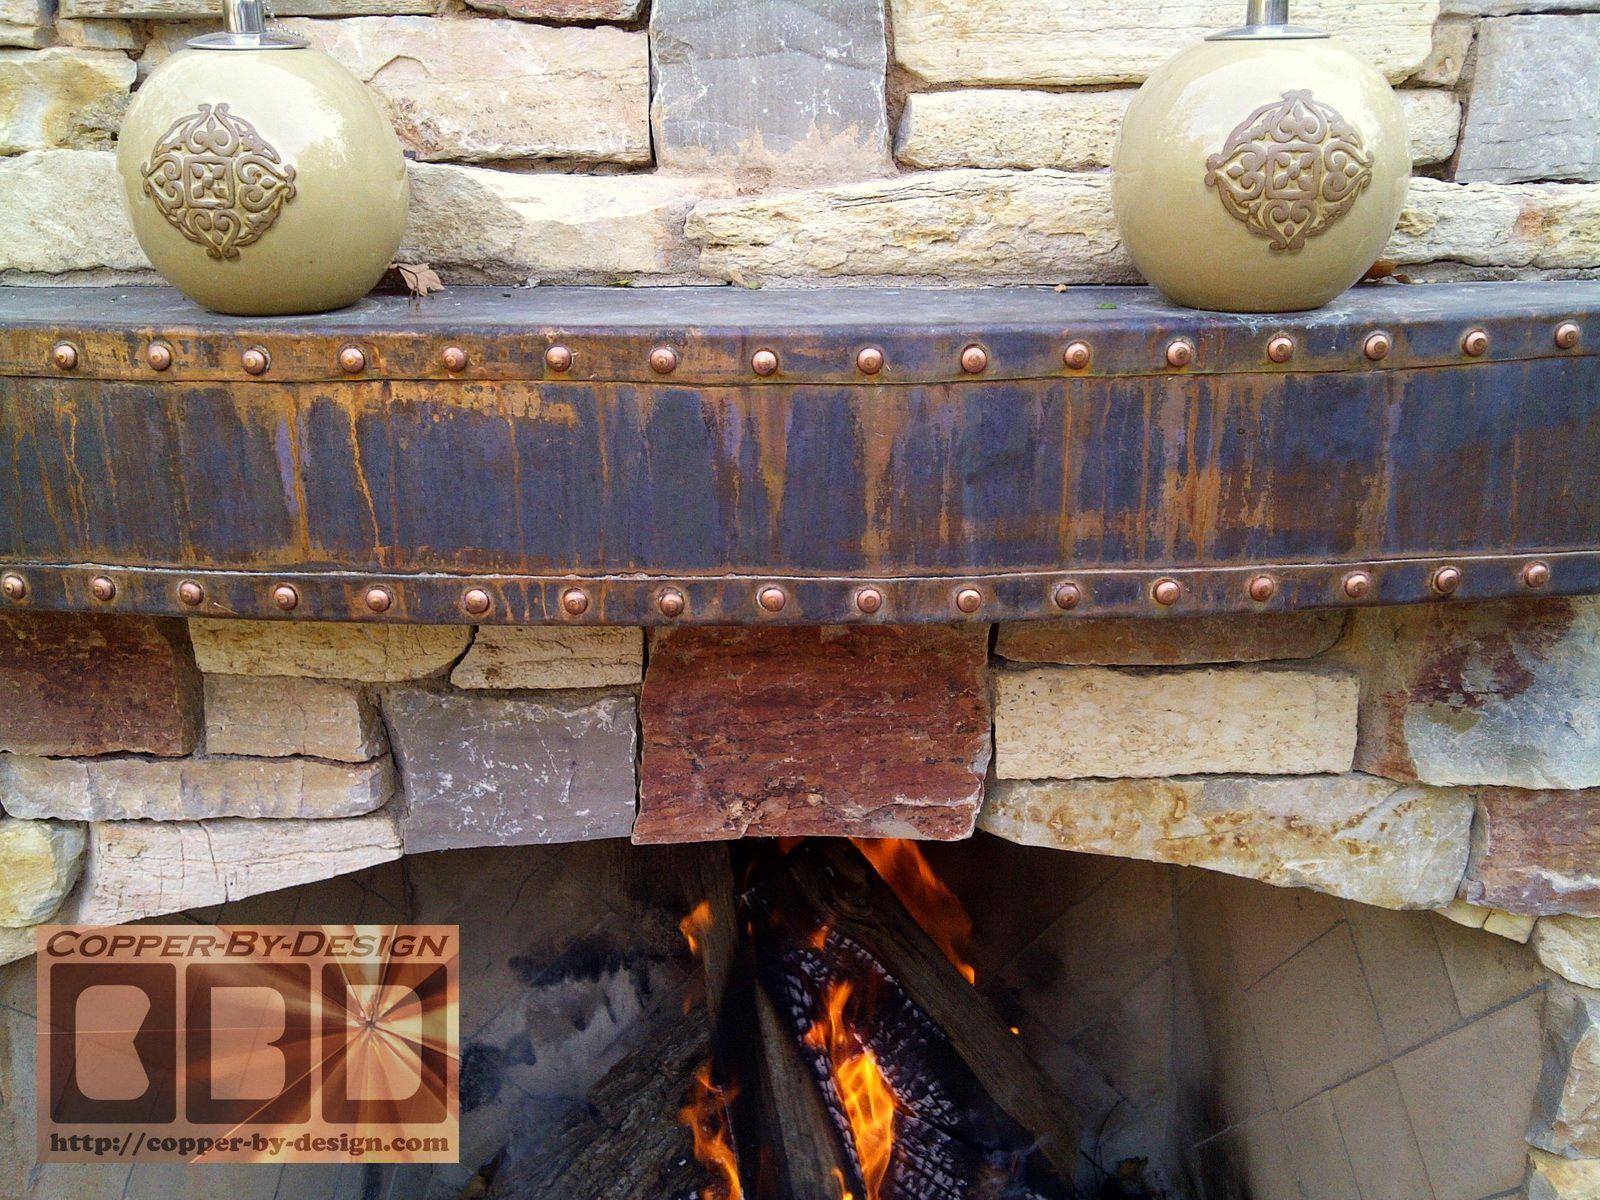 Sheet metal and Fireplace mantles